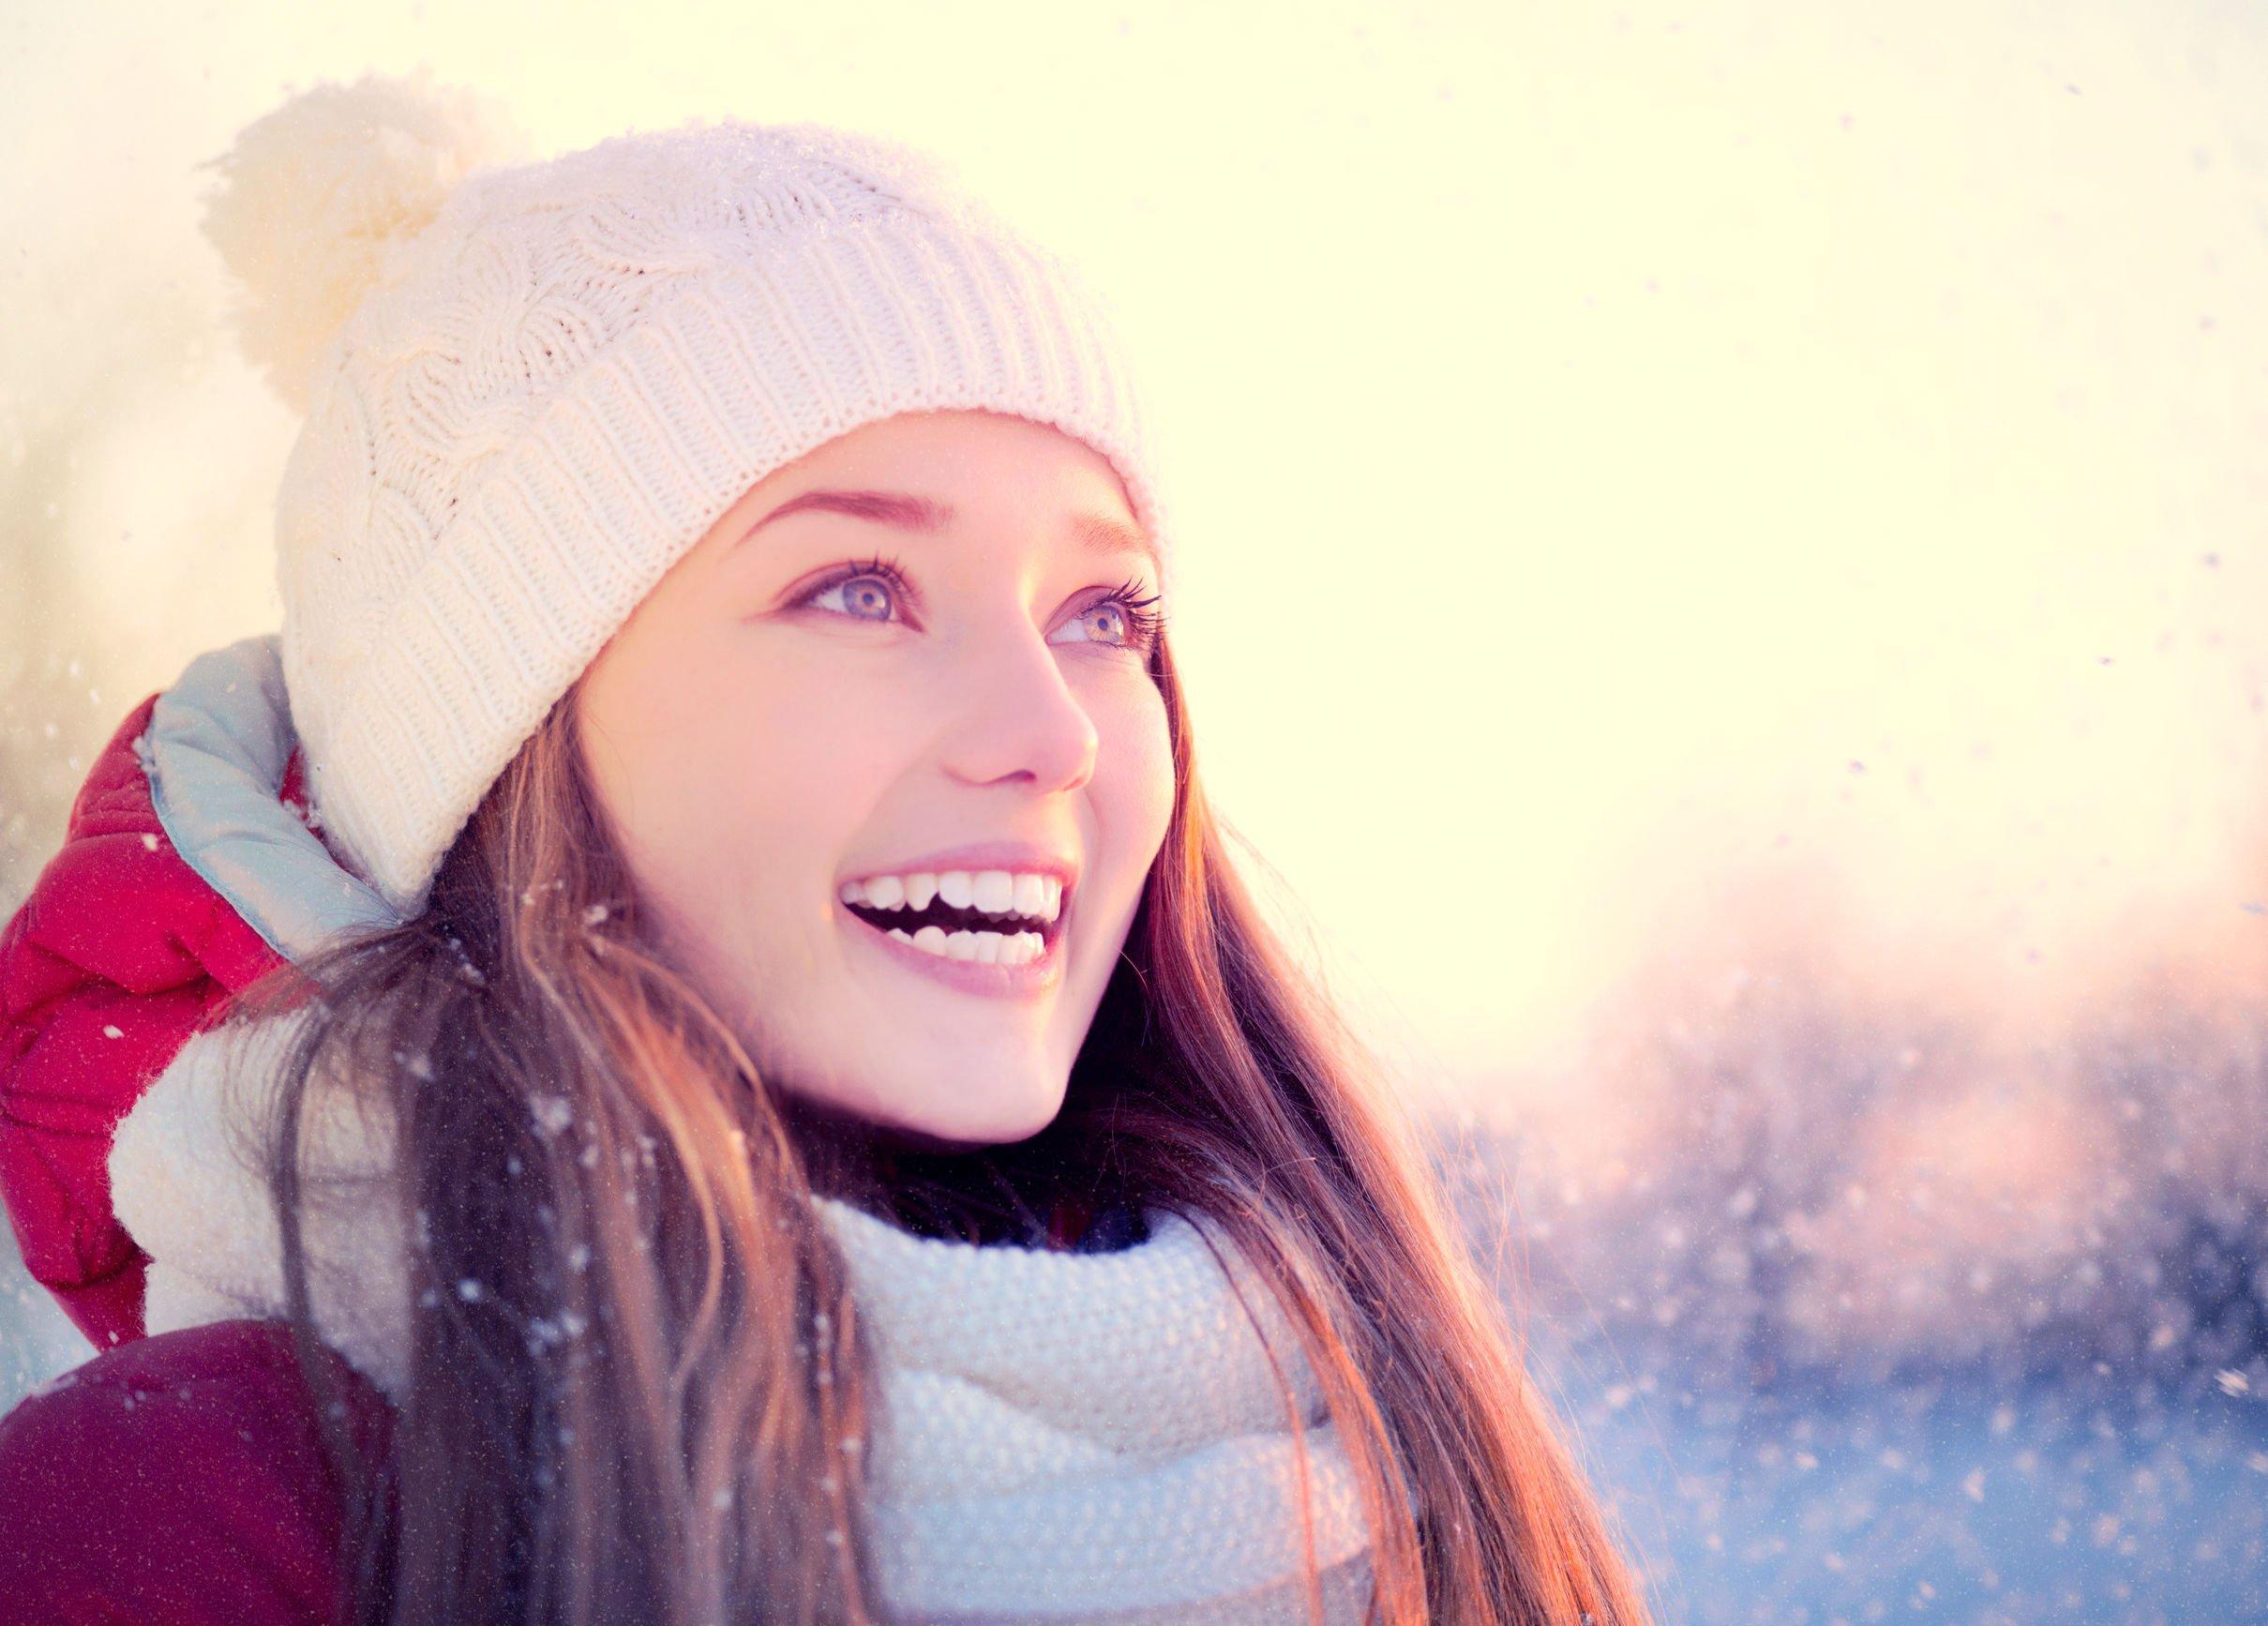 Centrum Stomatologiczne Demed promocja implanty zebow zebowe dentystyczne 2019 zima